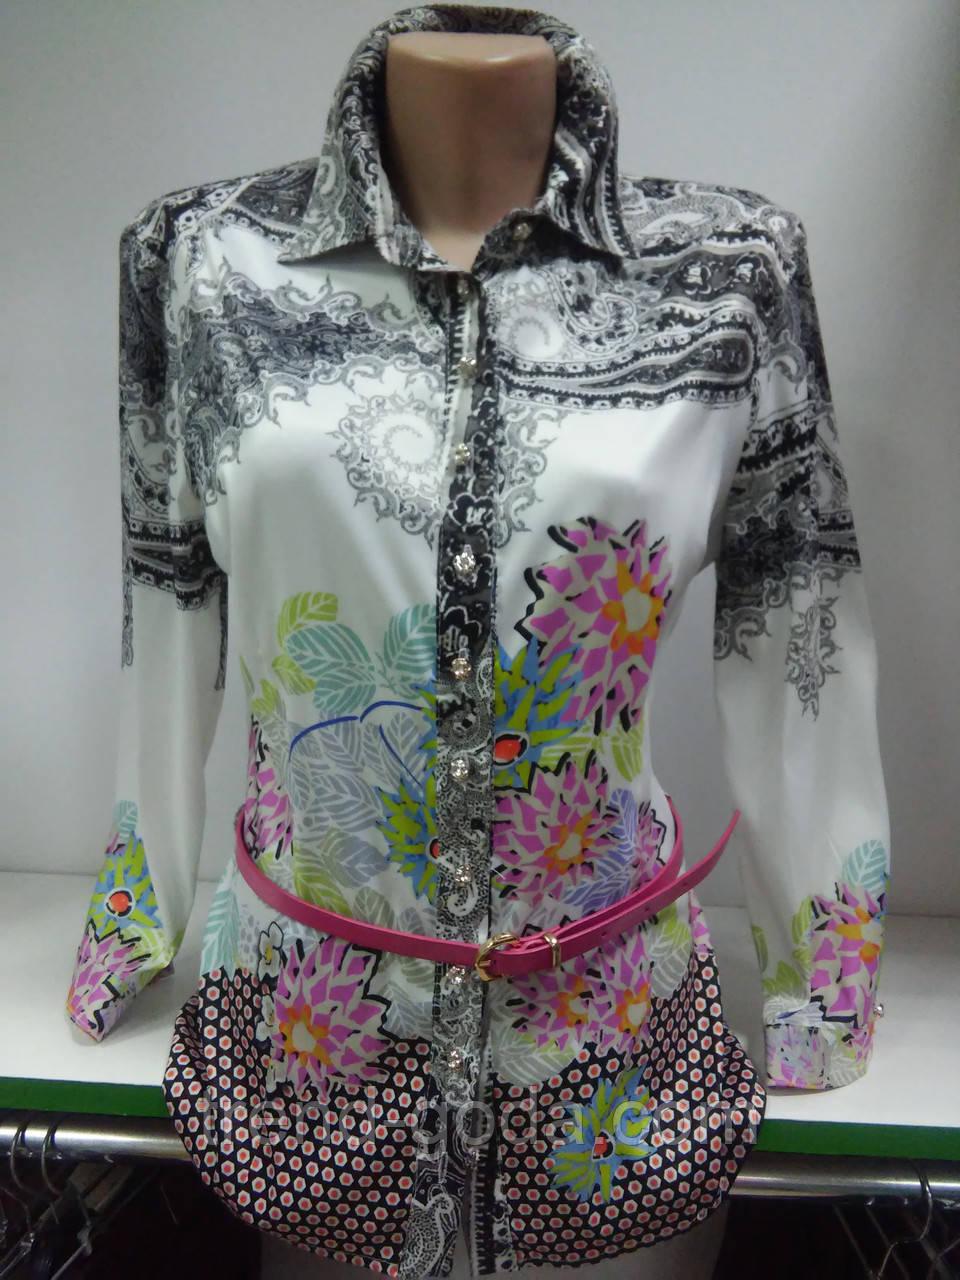 Стильная рубашка, Блуза женская, атласная, на пуговицах, с поясом, цветами, Турция